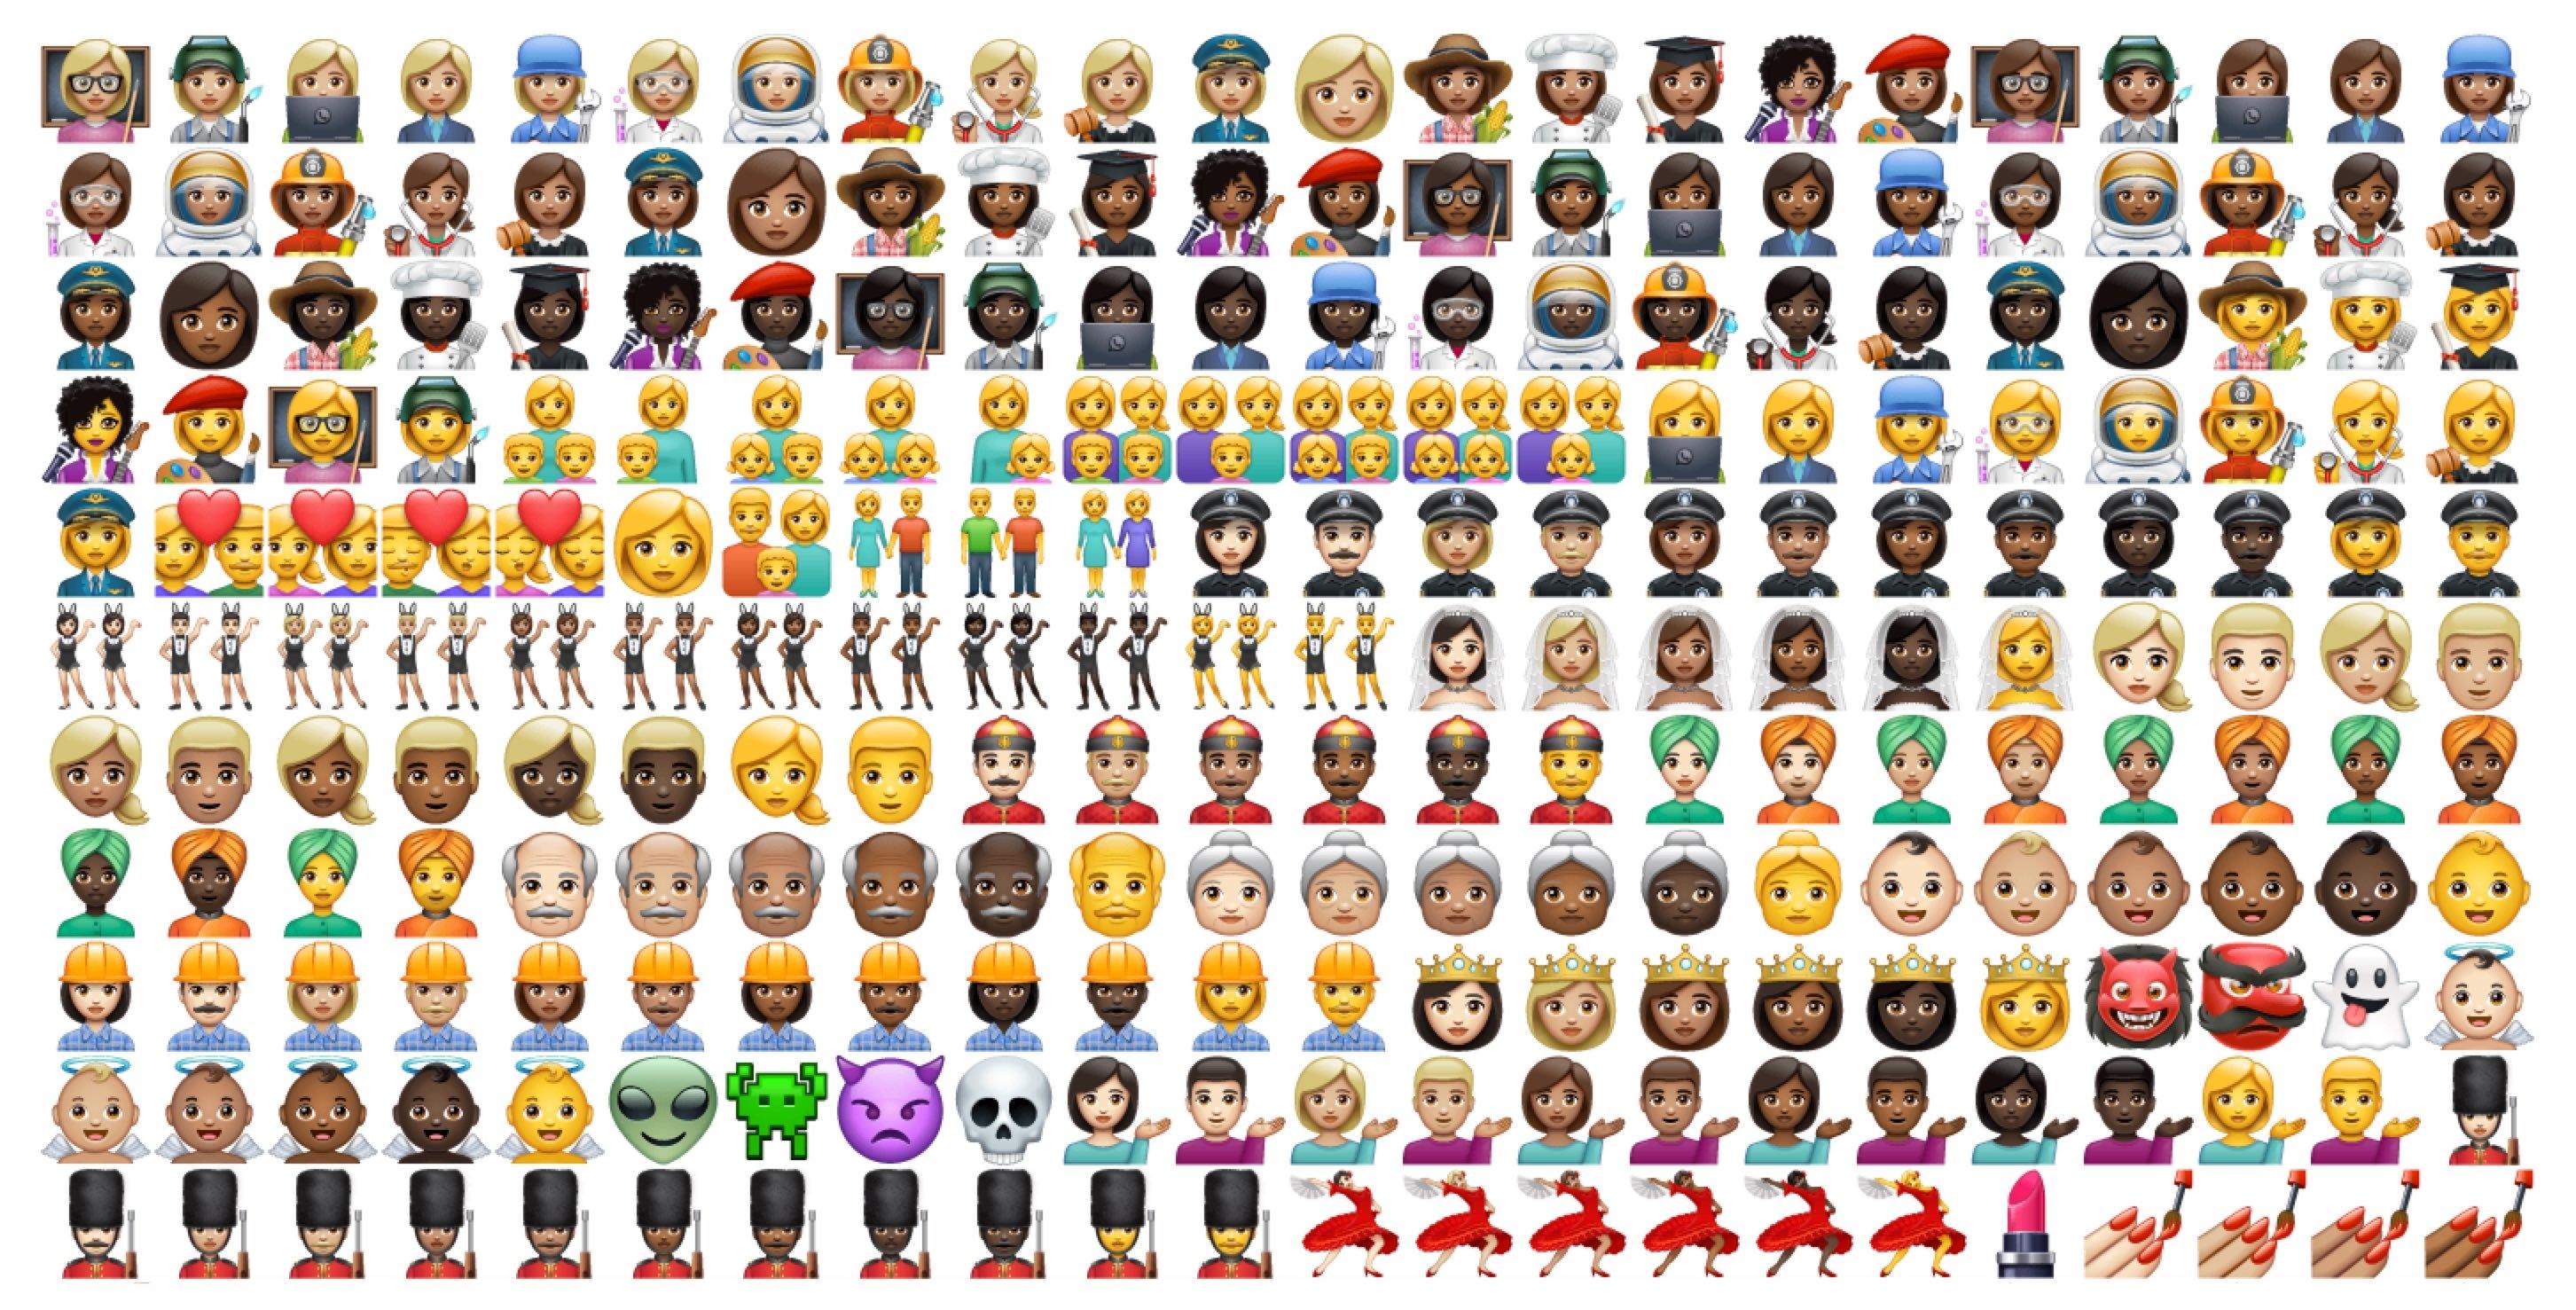 WhatsApp Yeni Evrensel Emoji Seti, Oldukça Tanıdık Hissettiriyor